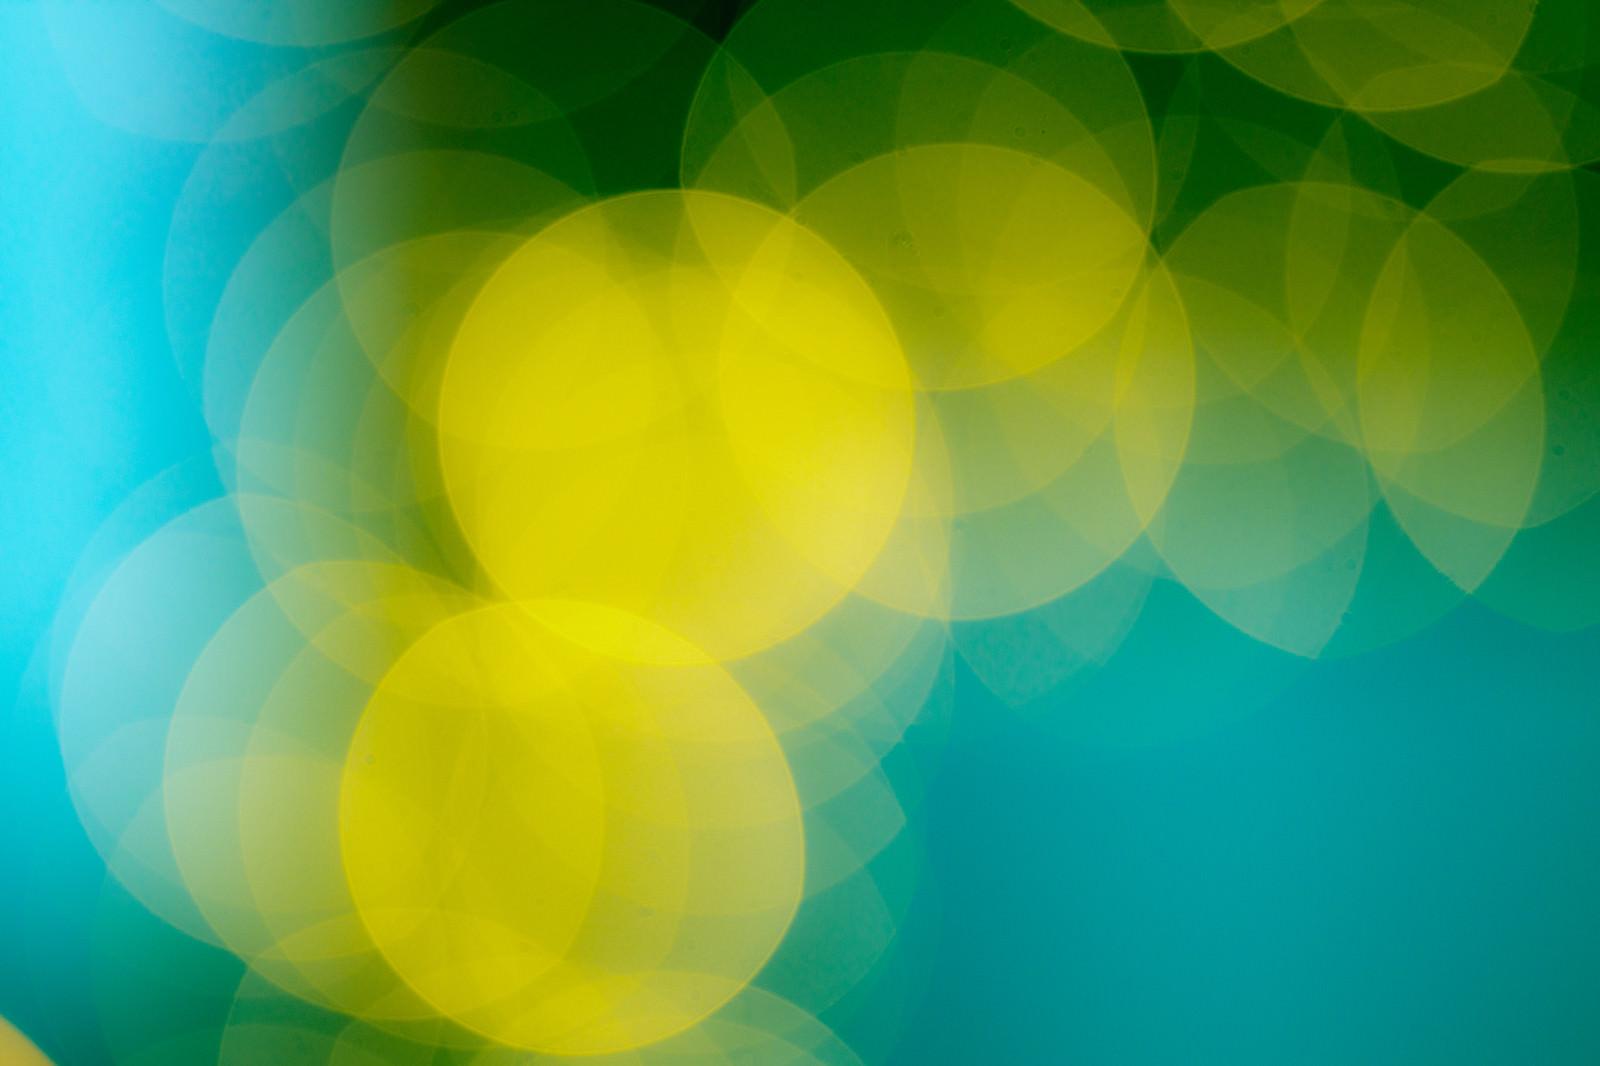 「青いボケ味と黄色い丸ボケ」の写真